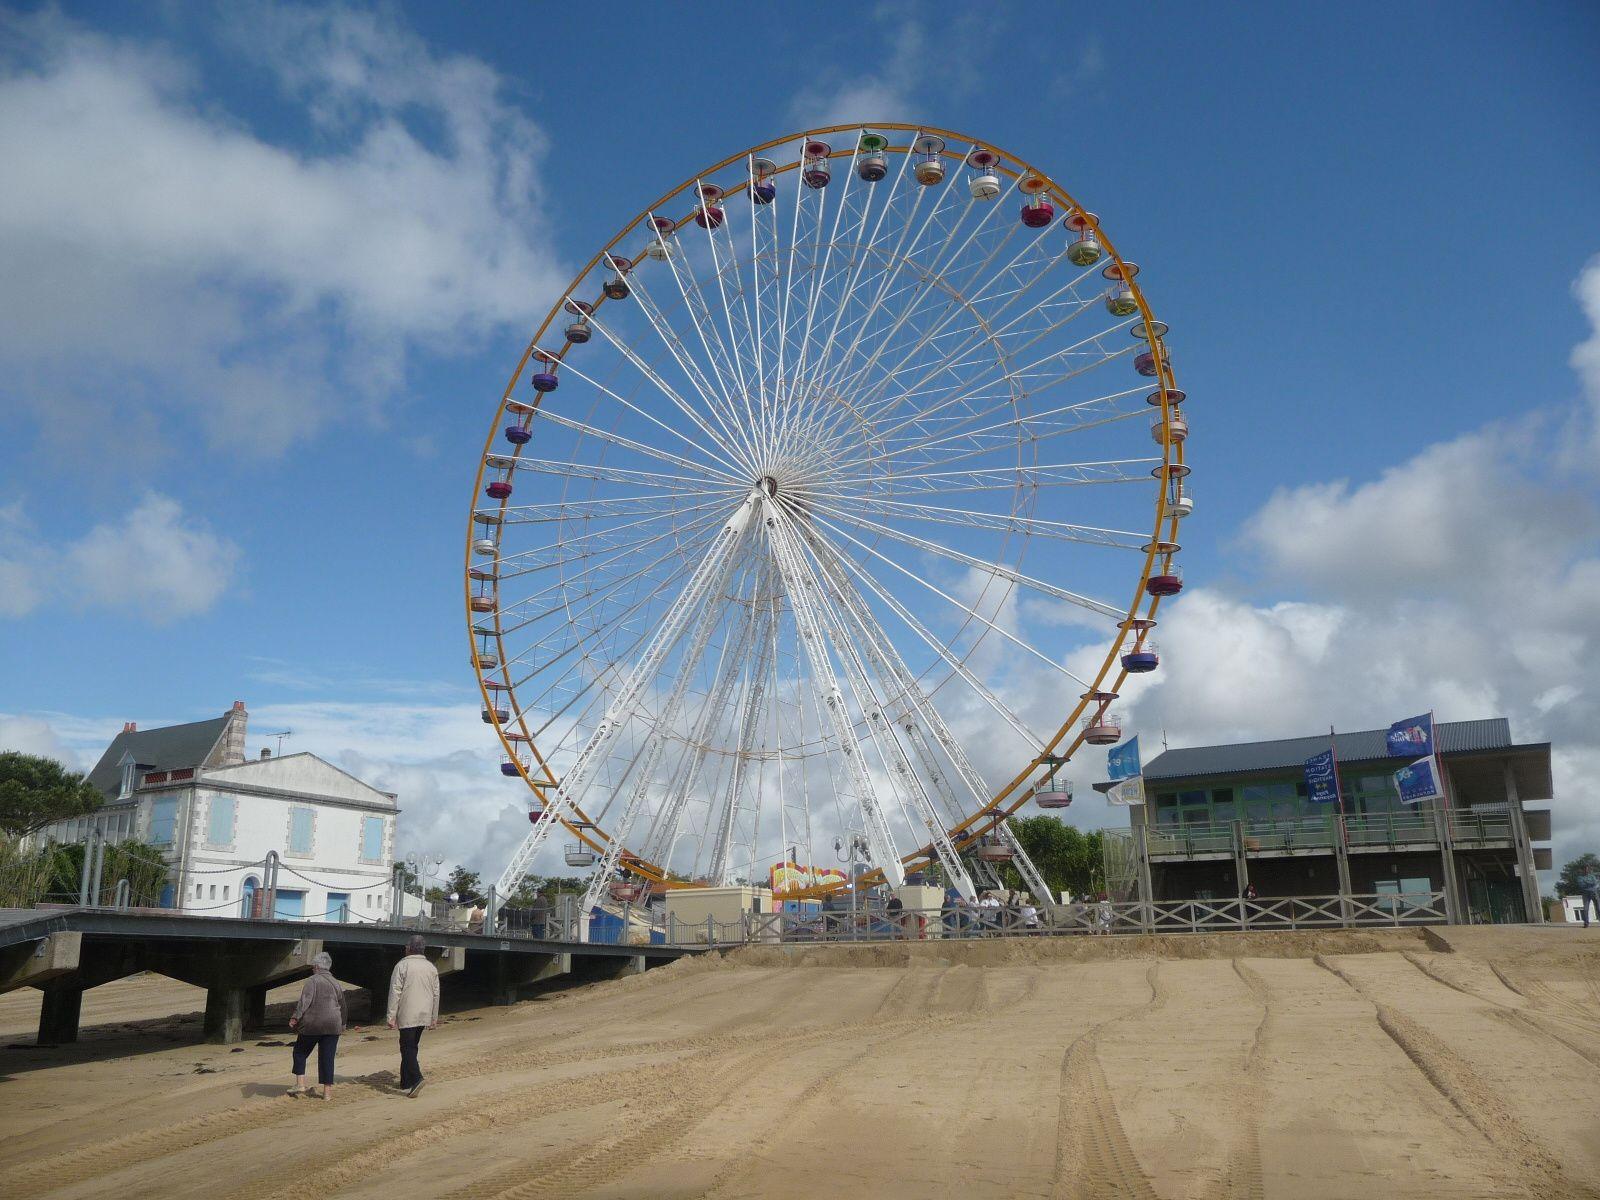 Cette grande roue intallée sur la Place Brochard a défrayé la chronique pendant tout l'été